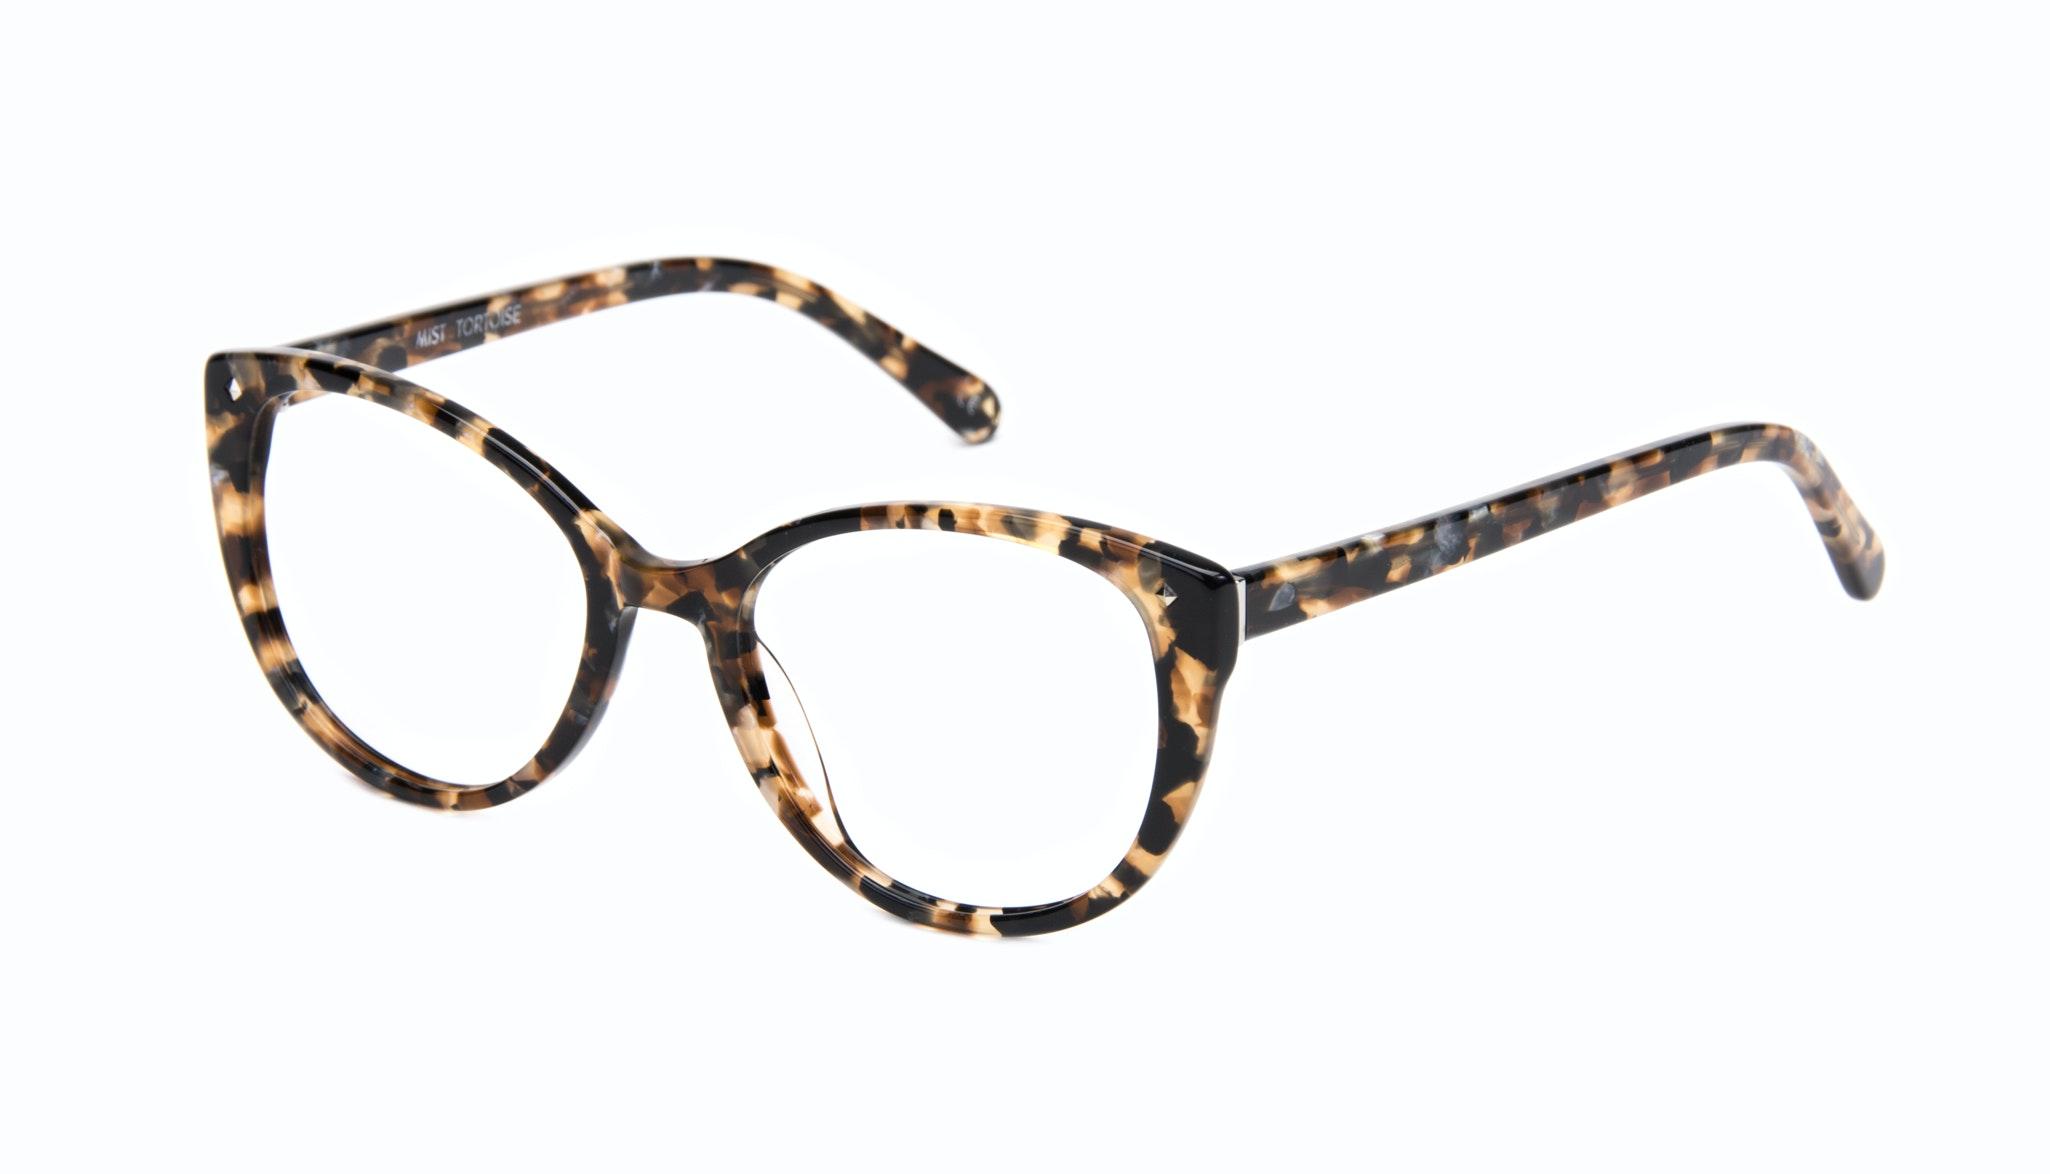 Lunettes tendance Oeil de chat Lunettes de vue Femmes Mist Tortoise Incliné